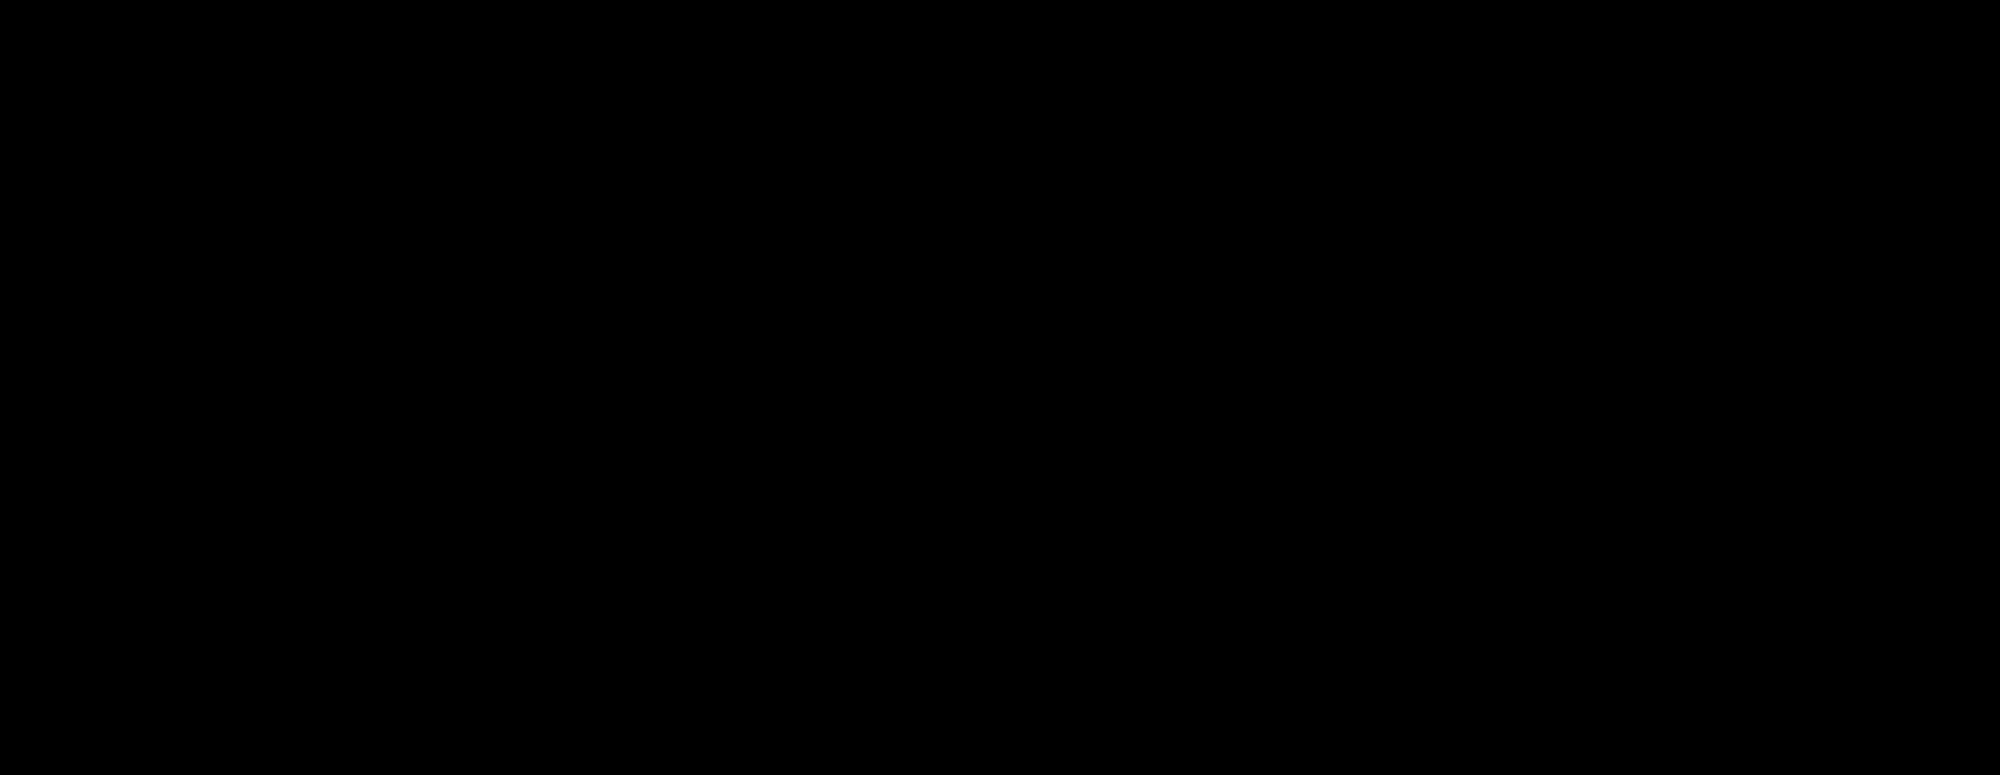 acumidwife logo bump.png